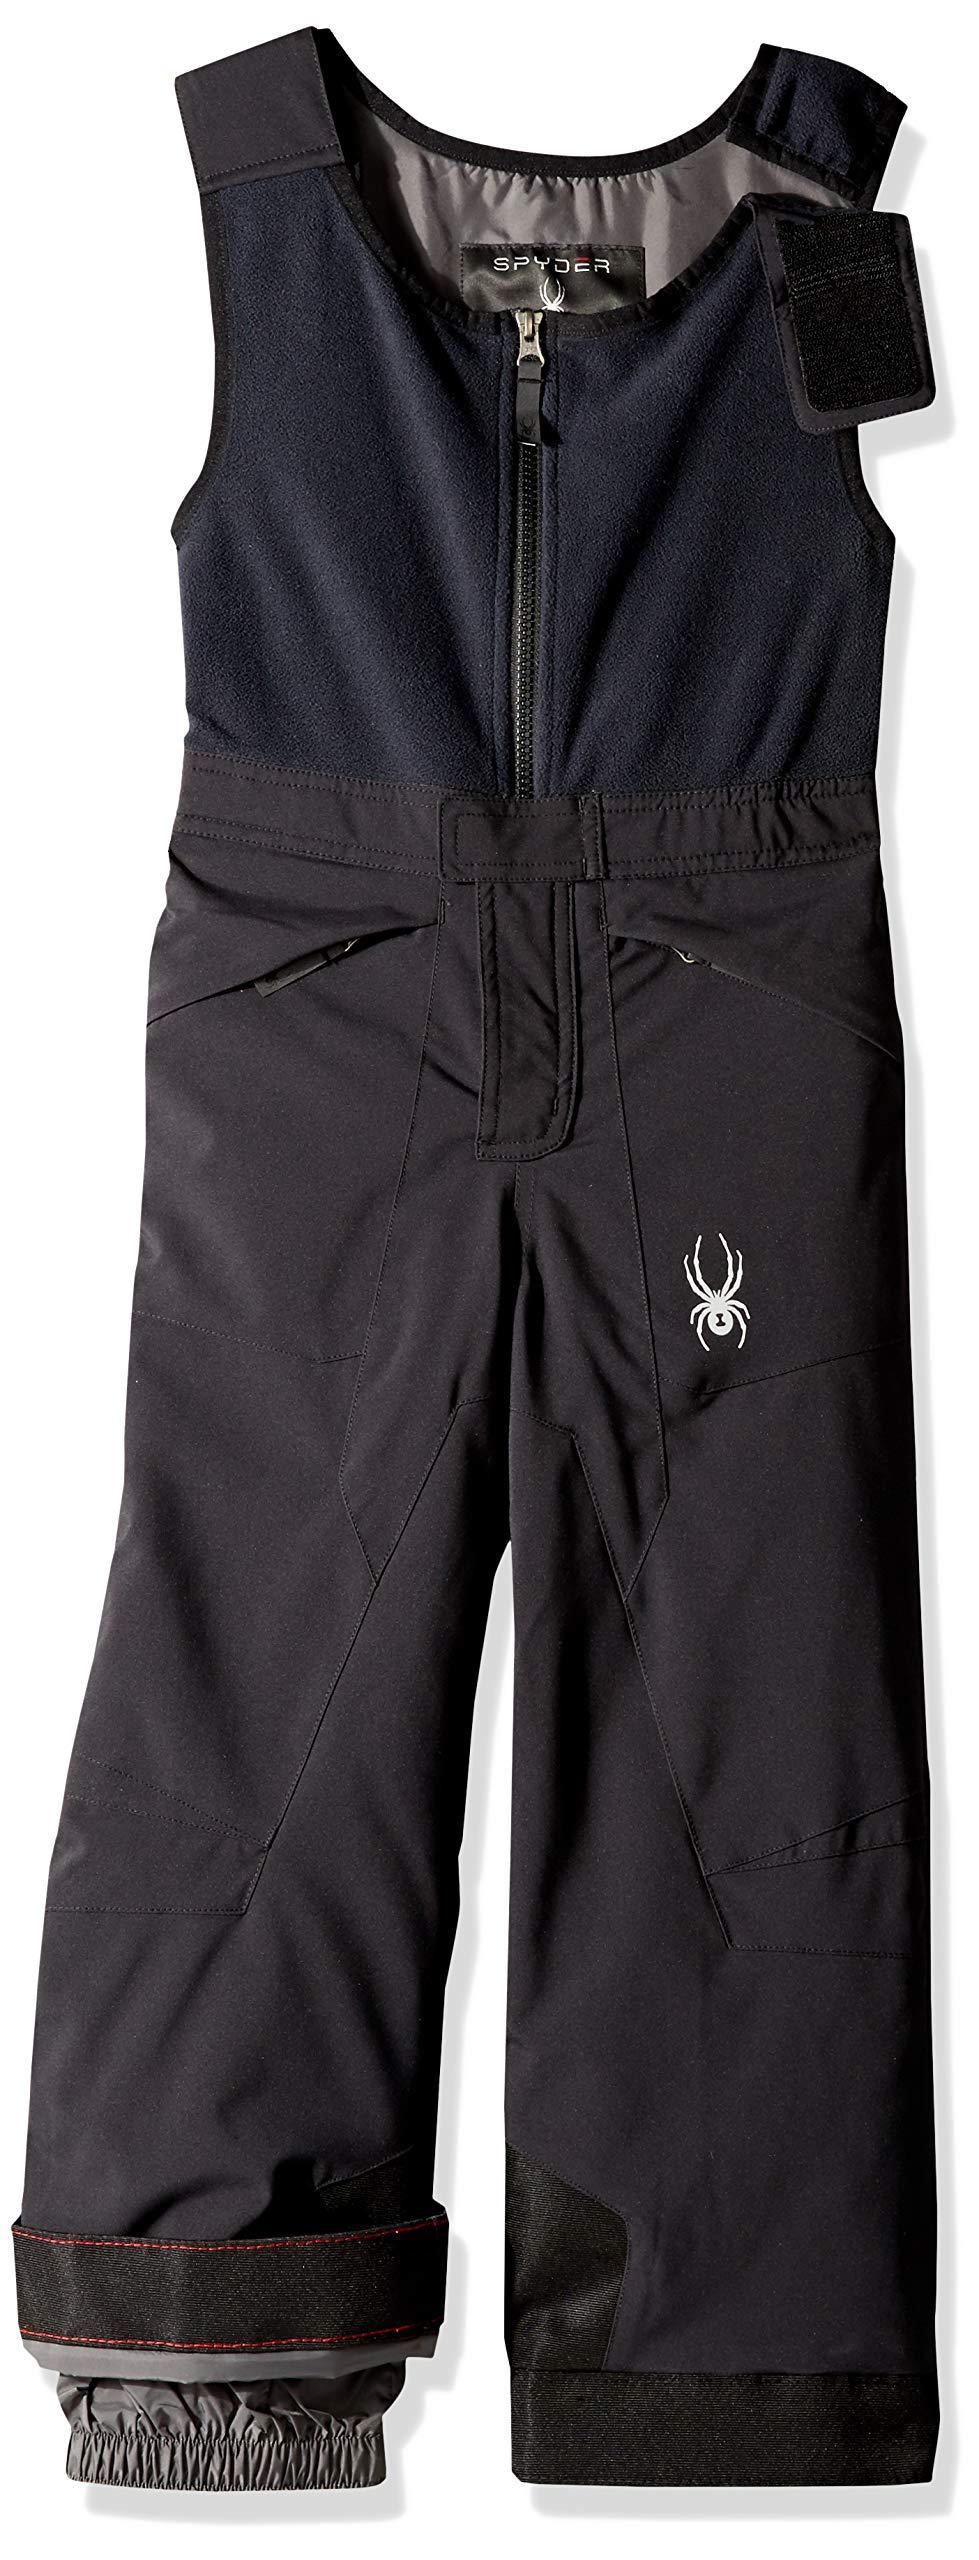 Spyder Boys' Mini Expedition Ski Pant, Black/Black/Black, Size 2